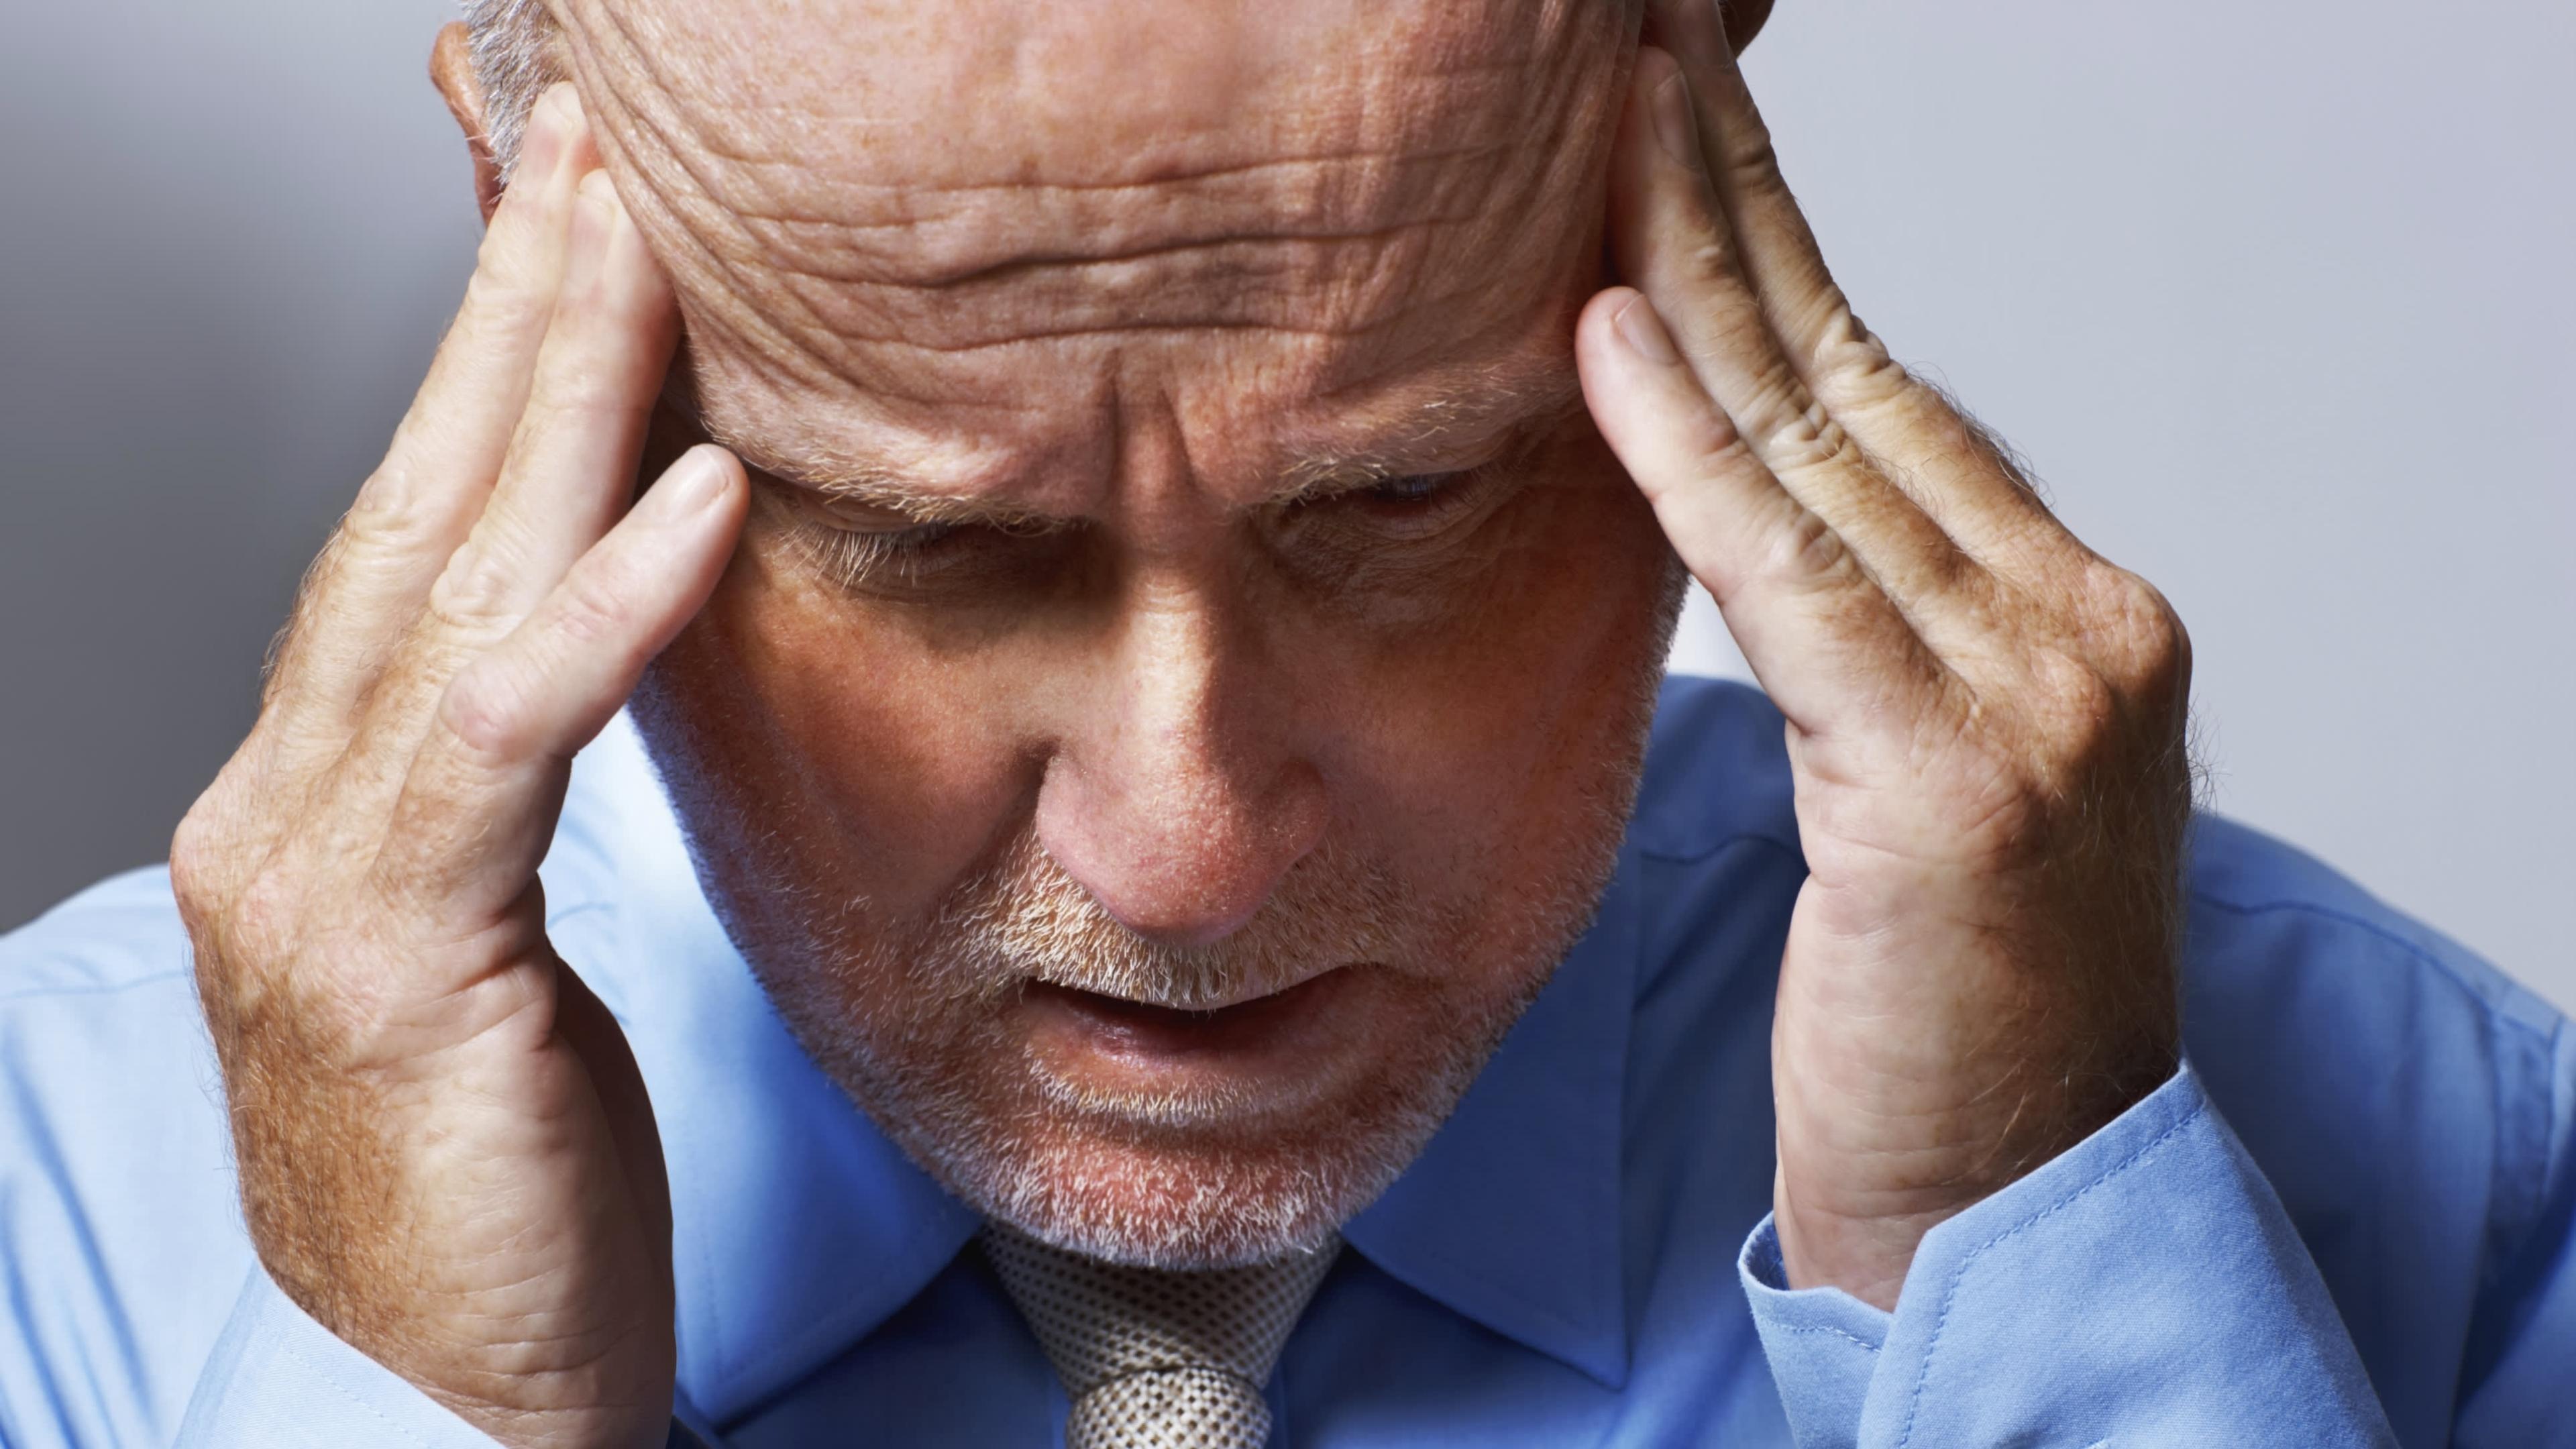 Симптомы депрессии увеличивают риск инфарктов и инсультов